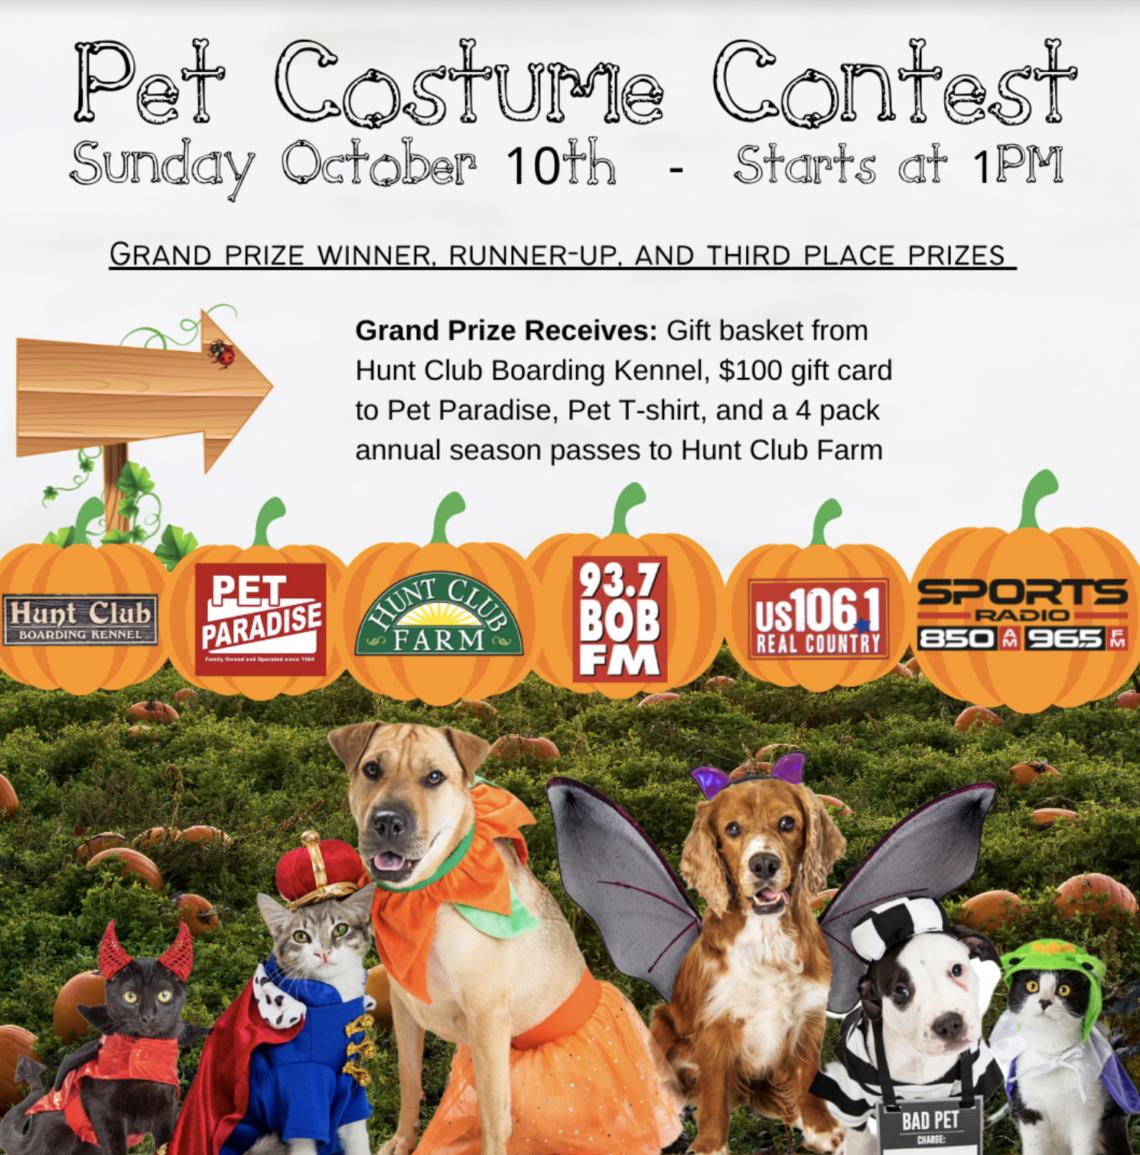 Pet Costume Contest